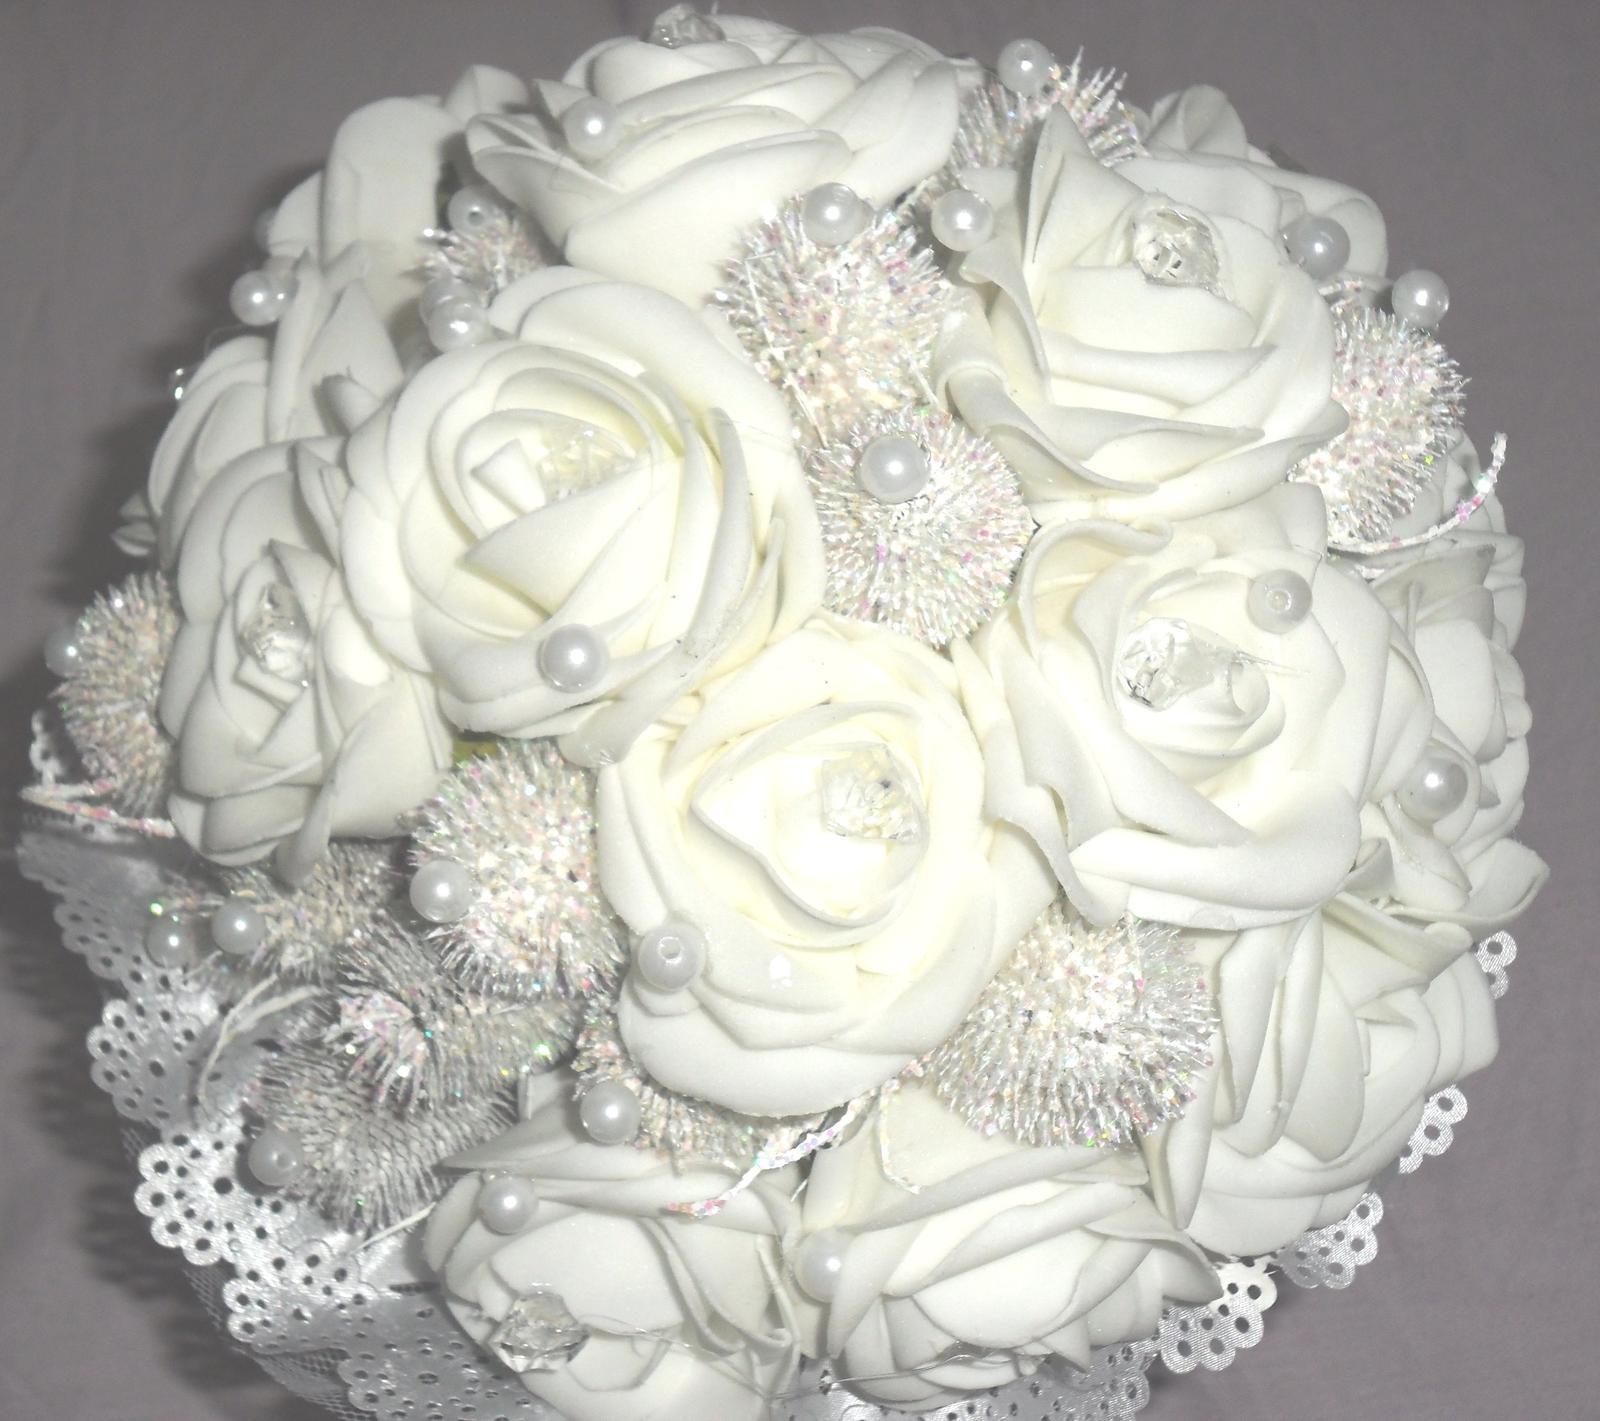 Netradiční svatební kytice - pěnové růžičky + polštářky pod prstýnky, košíčky - Obrázek č. 58